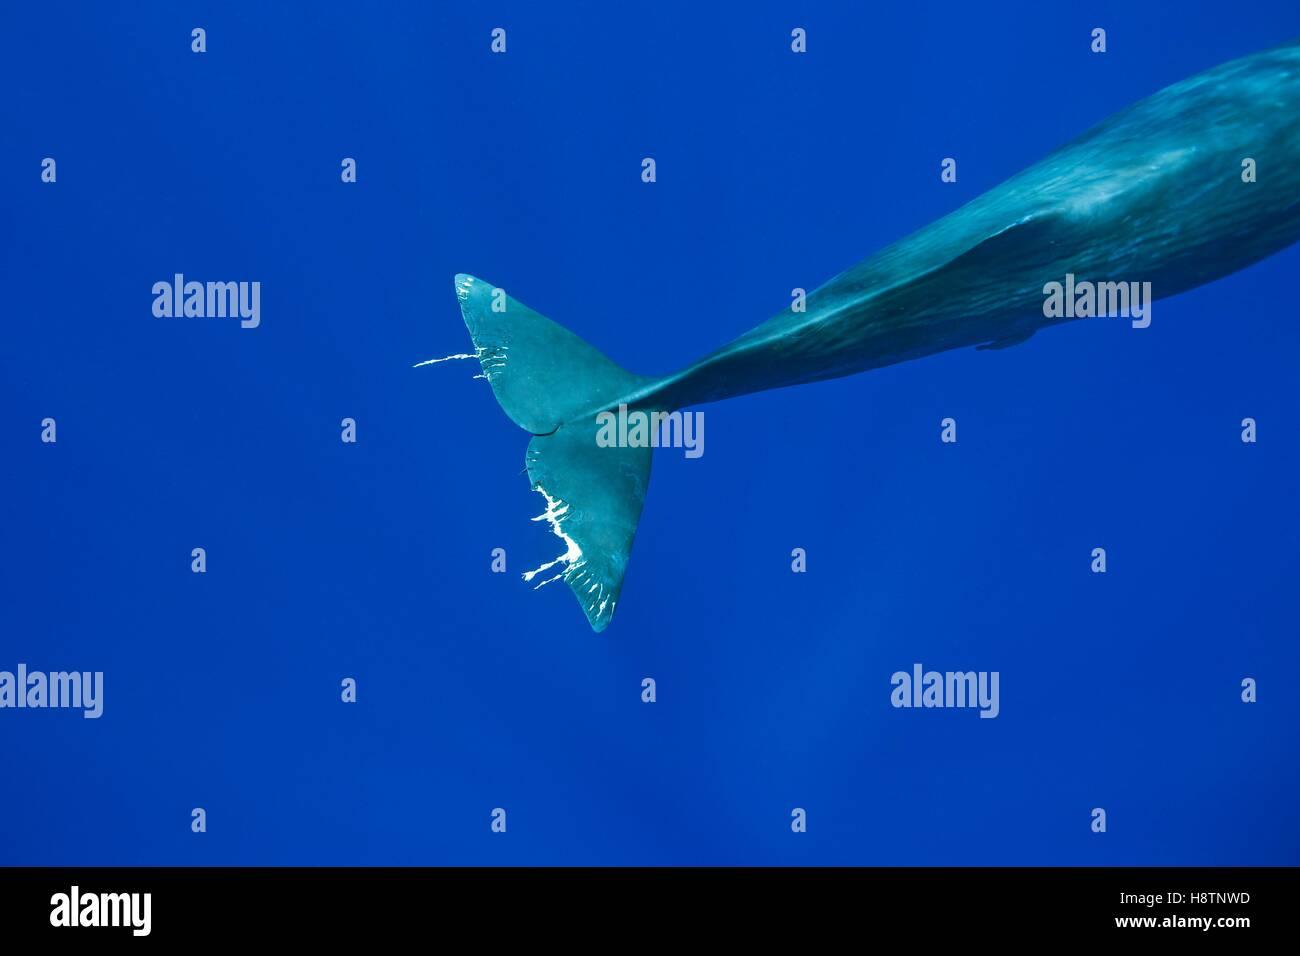 Queue d'un cachalot blessé probablement par baleines pilotes ou d'autres baleines, Physeter macrocephalus, Photo Stock